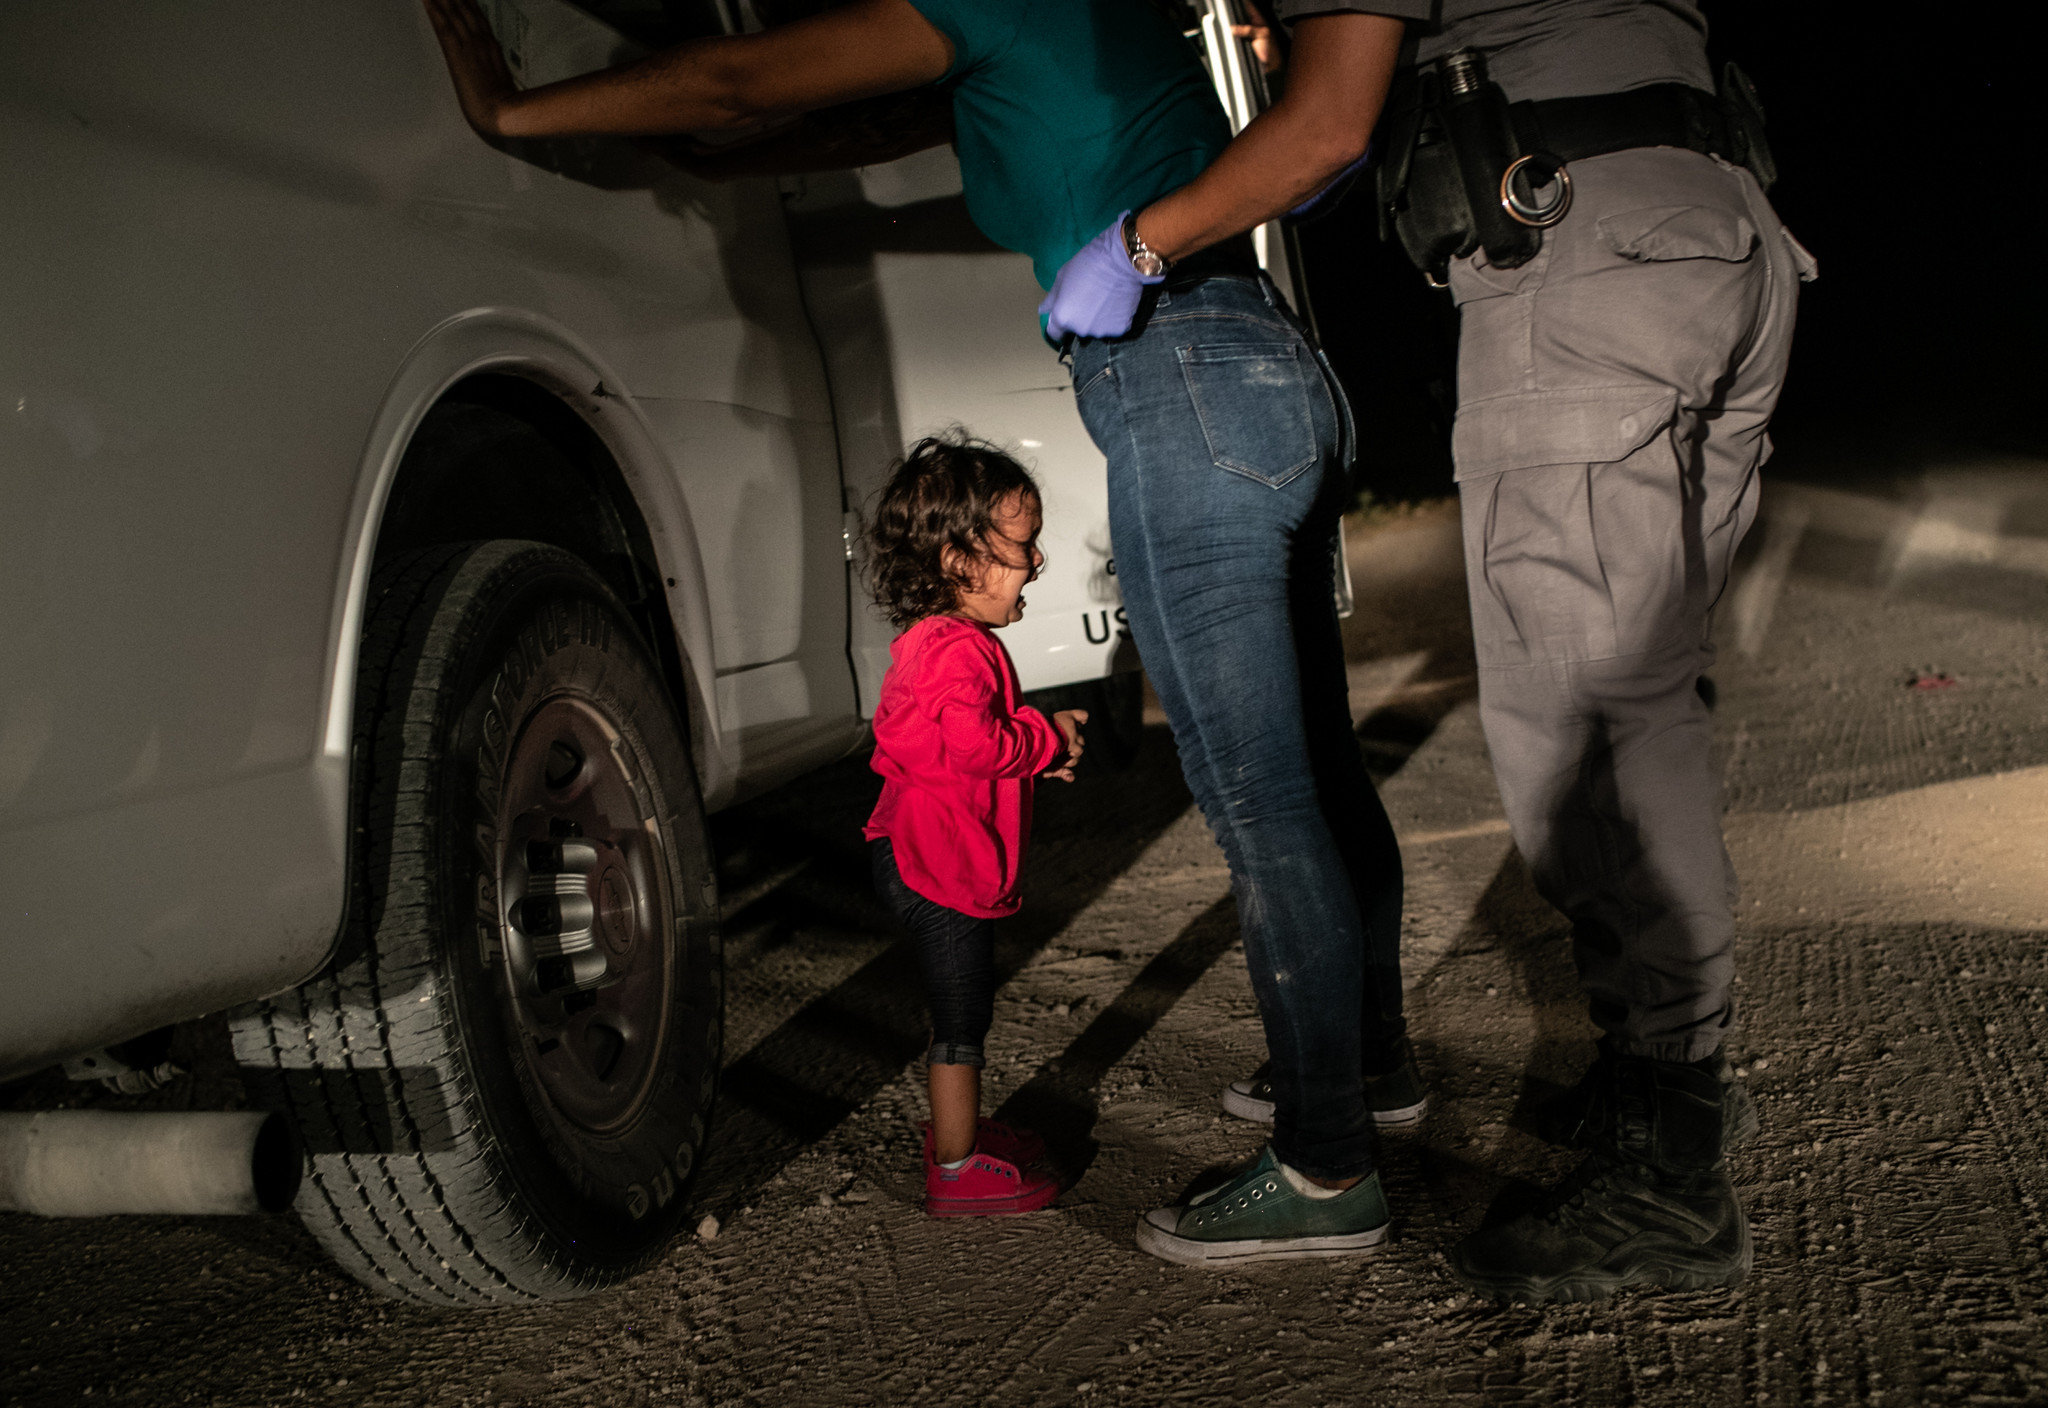 134_John Moore_Getty Images.jpg